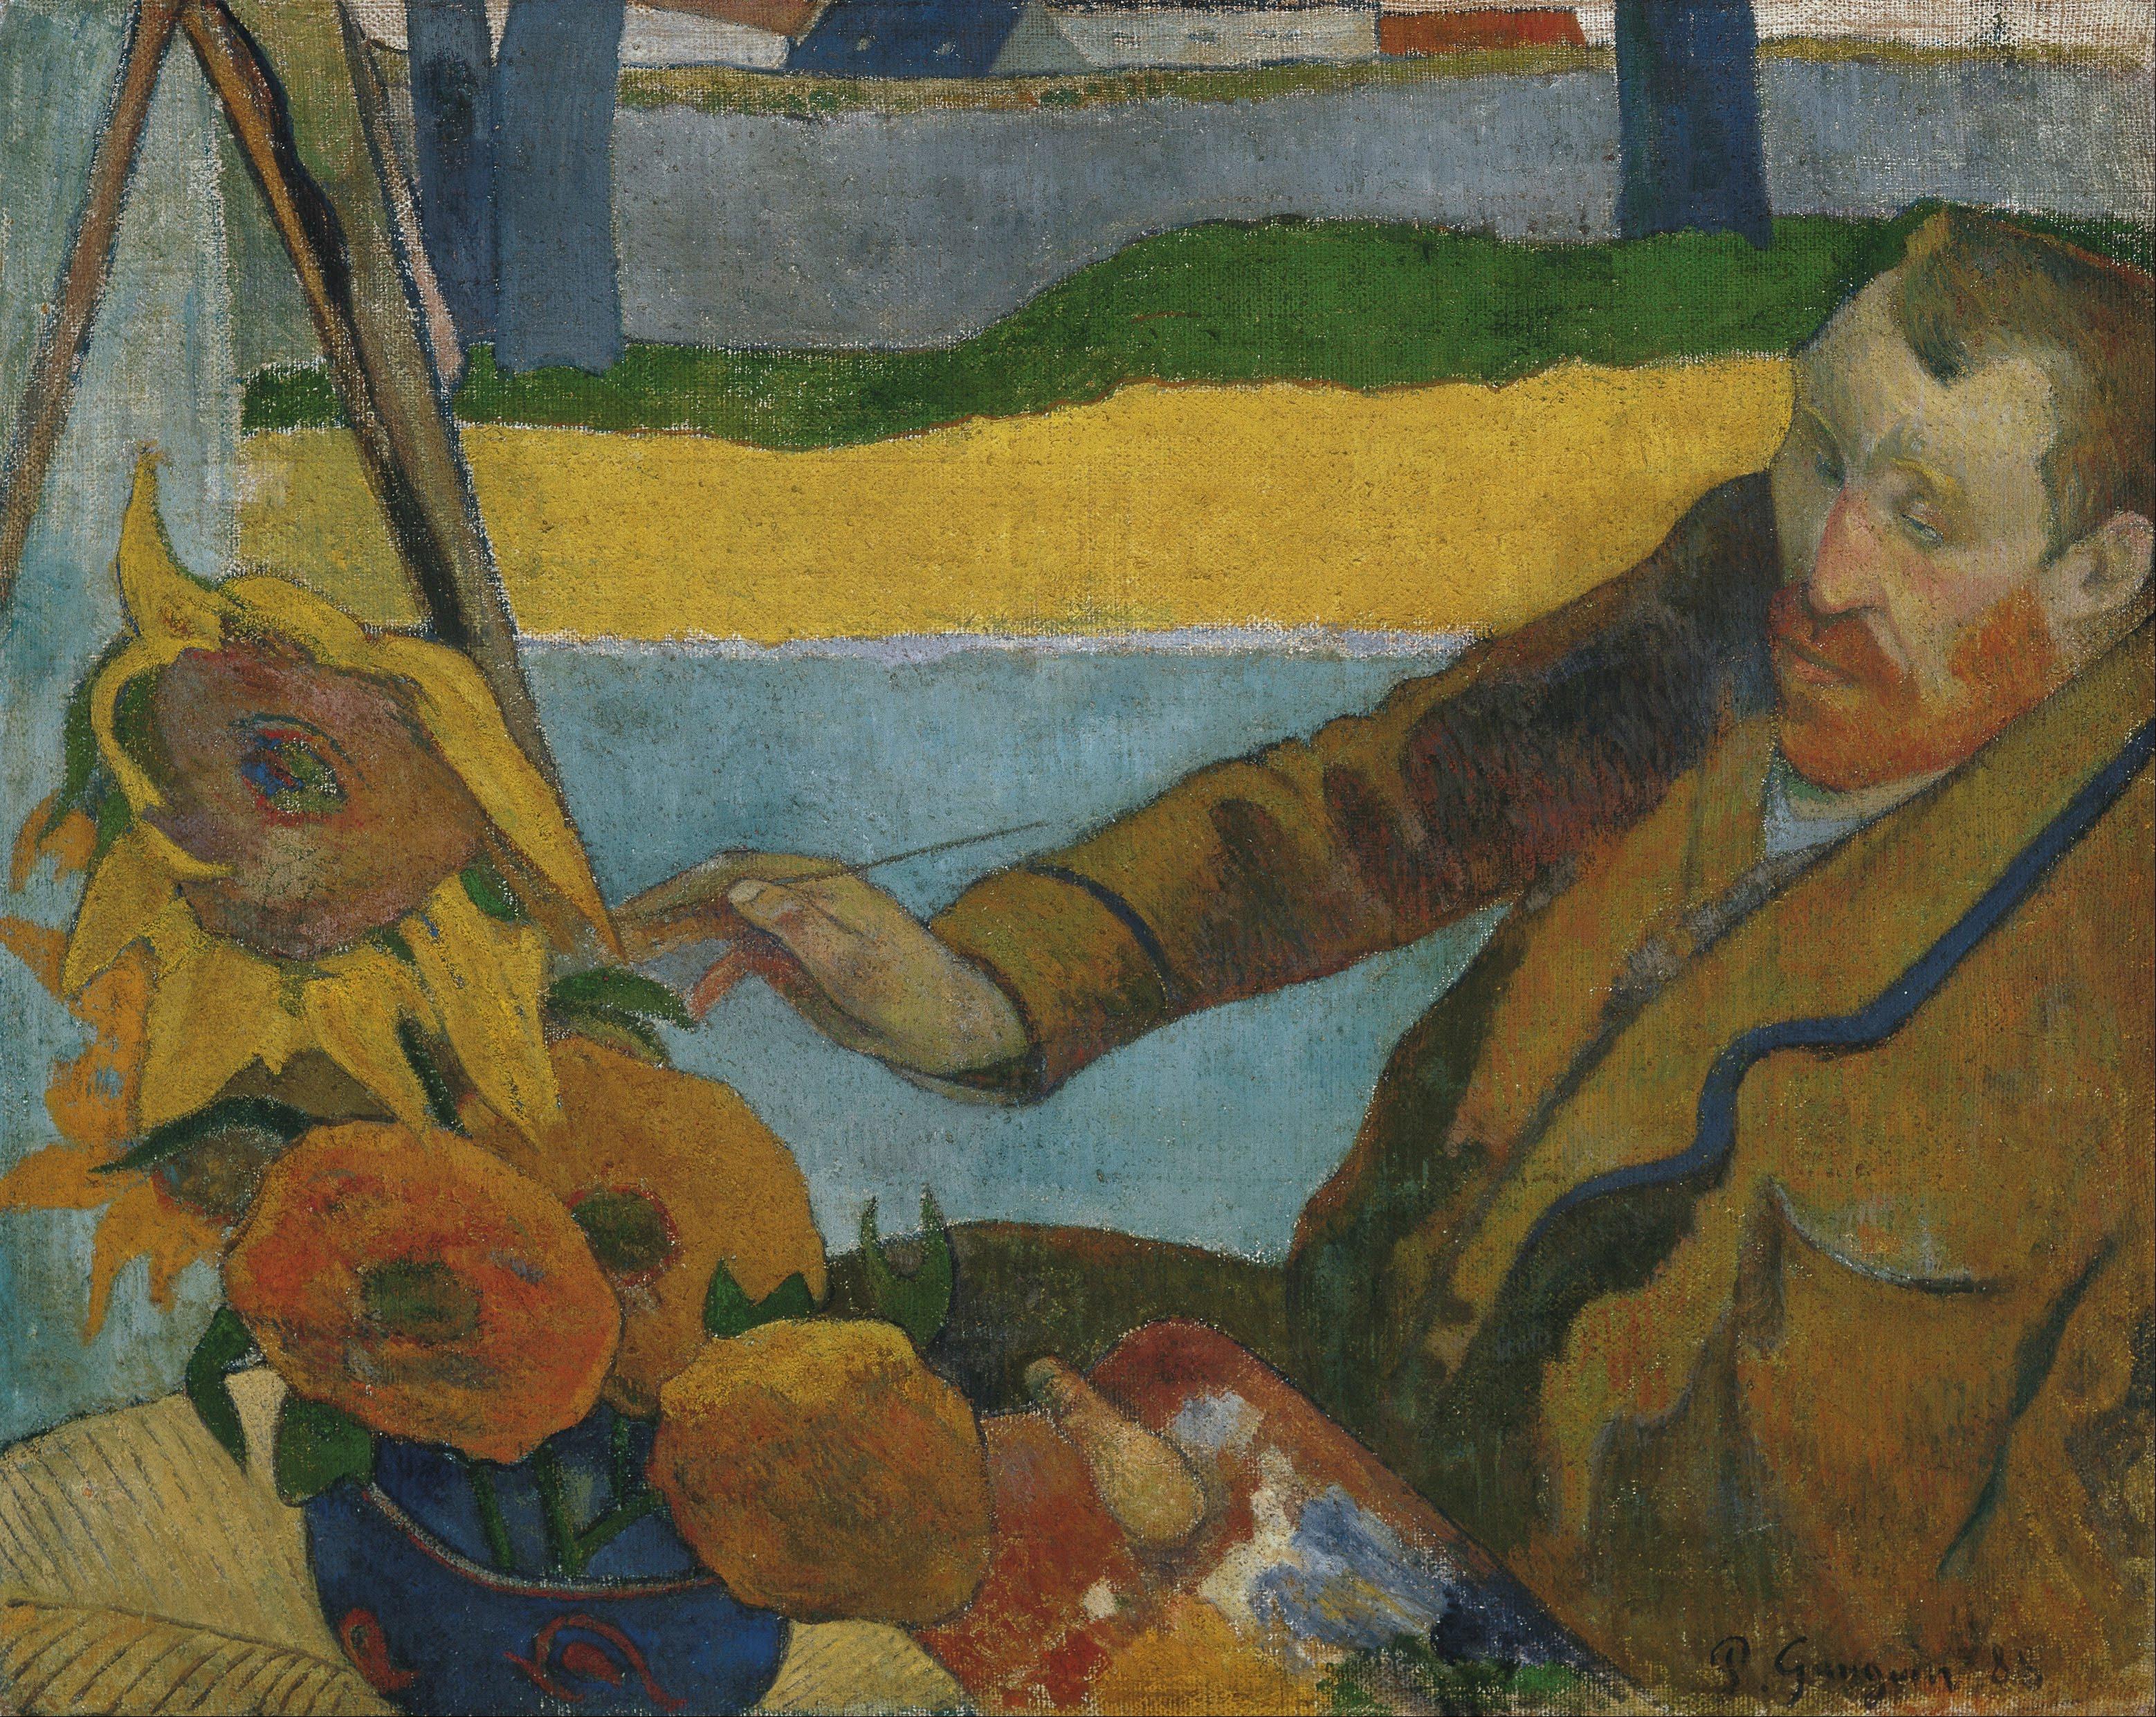 Paul Gauguin, 1888, Van Gogh Museum, Amsterdam